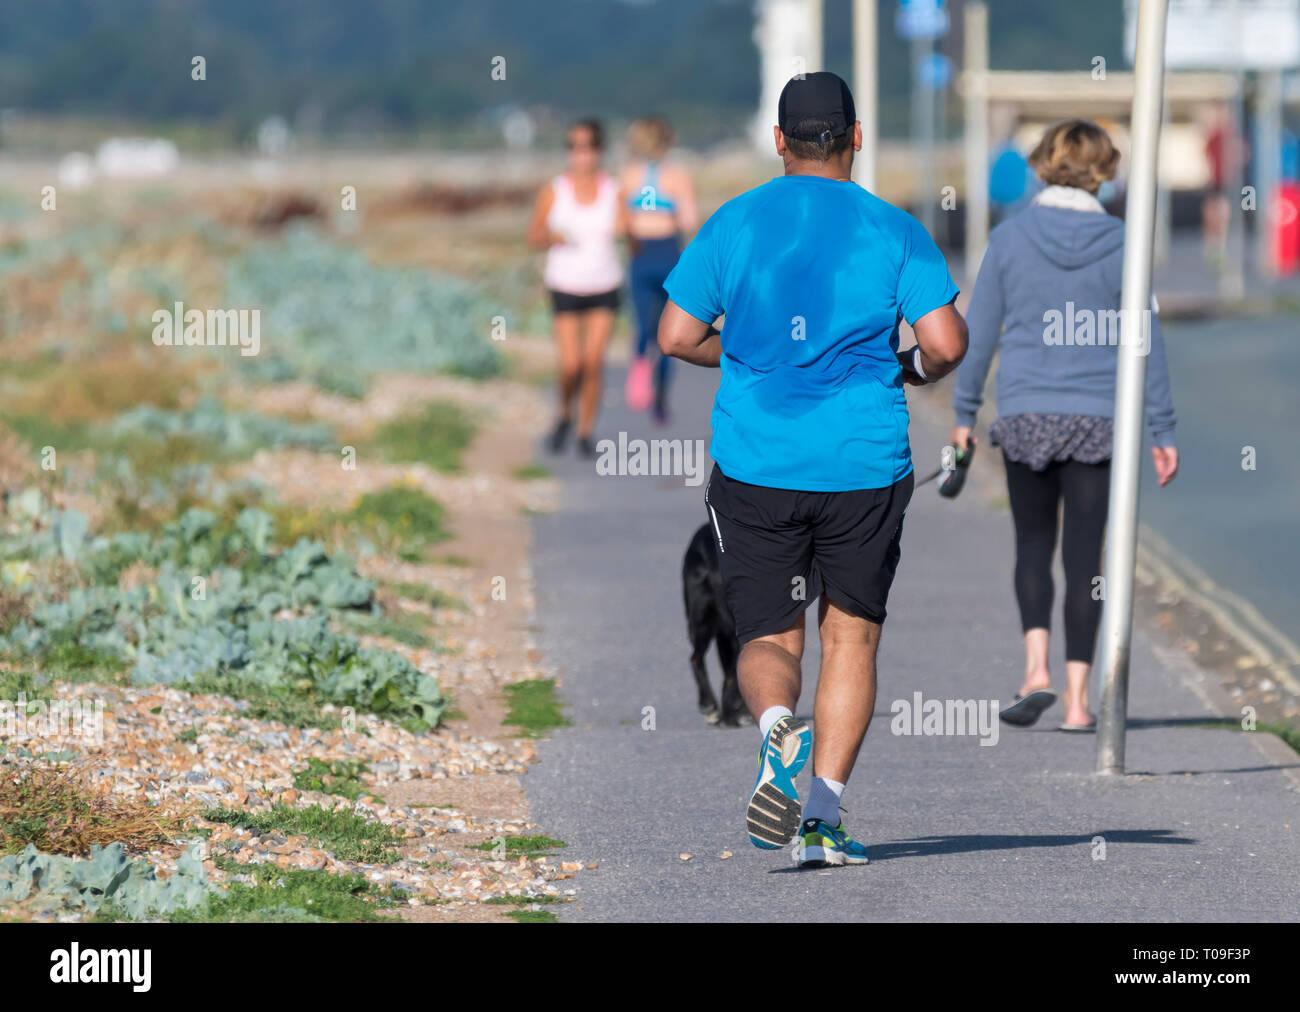 Hombre trotando por la carretera con el sudor cubriendo su camiseta en verano en el Reino Unido. Emparejador macho sudoración, transpirar, cubierto en sudor. Imagen De Stock